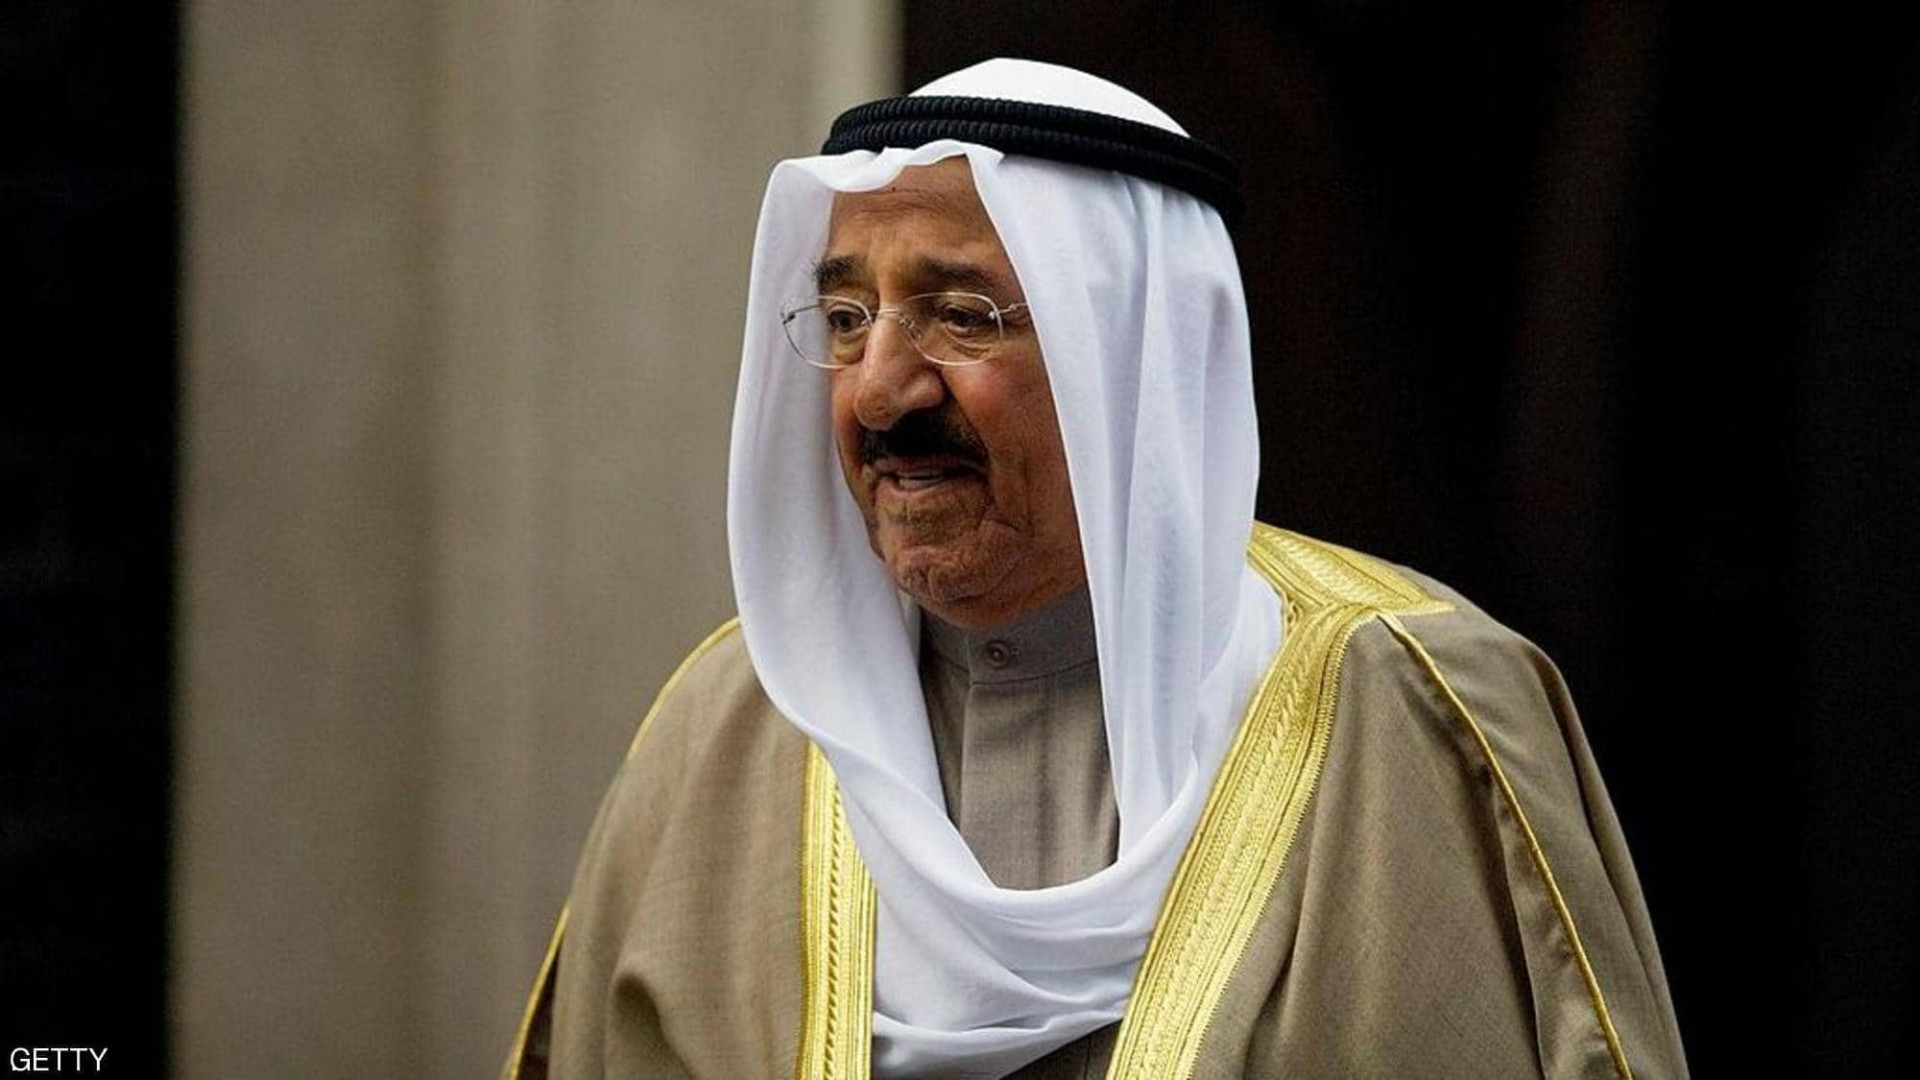 وفاة أمير الكويت صباح الأحمد الصباح